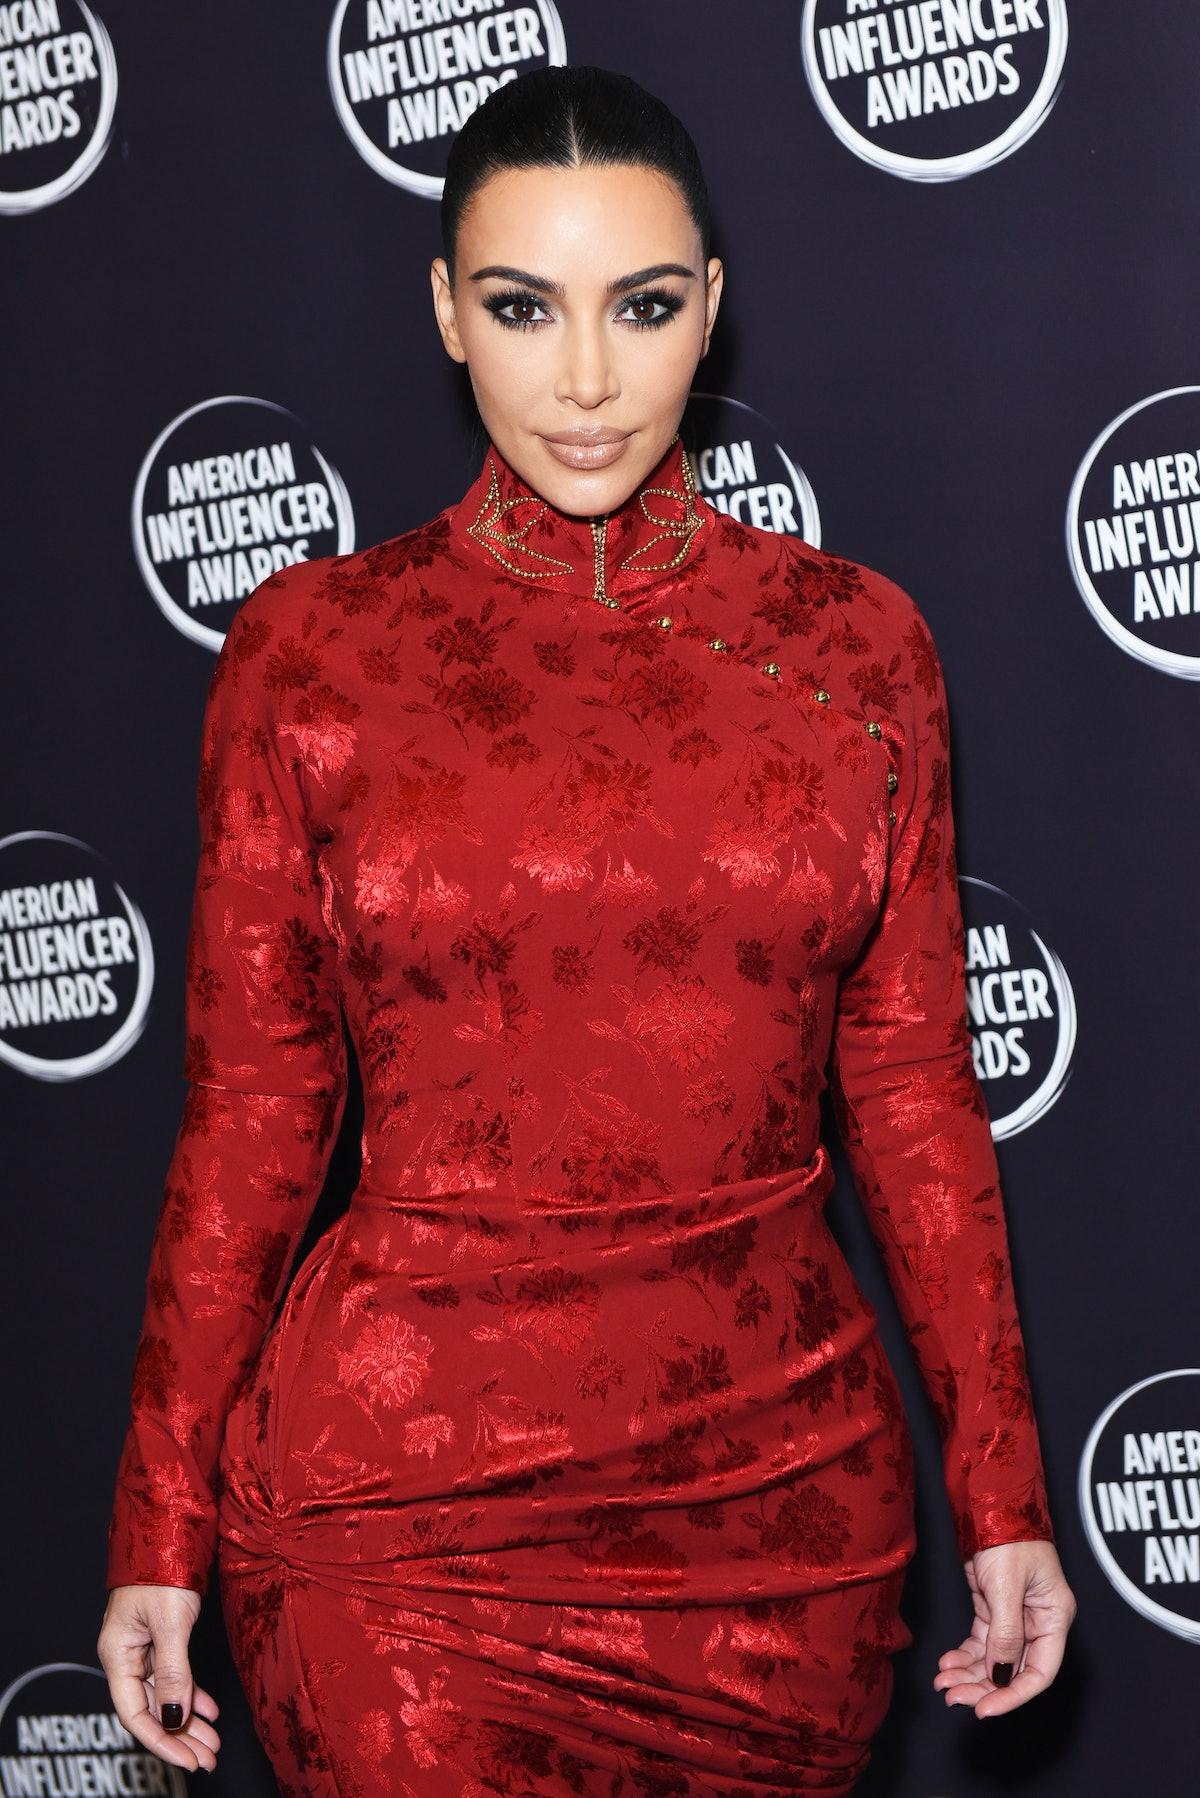 Kim Kardashian's Photos Of Saint's 4th Birthday Party Are Adorable